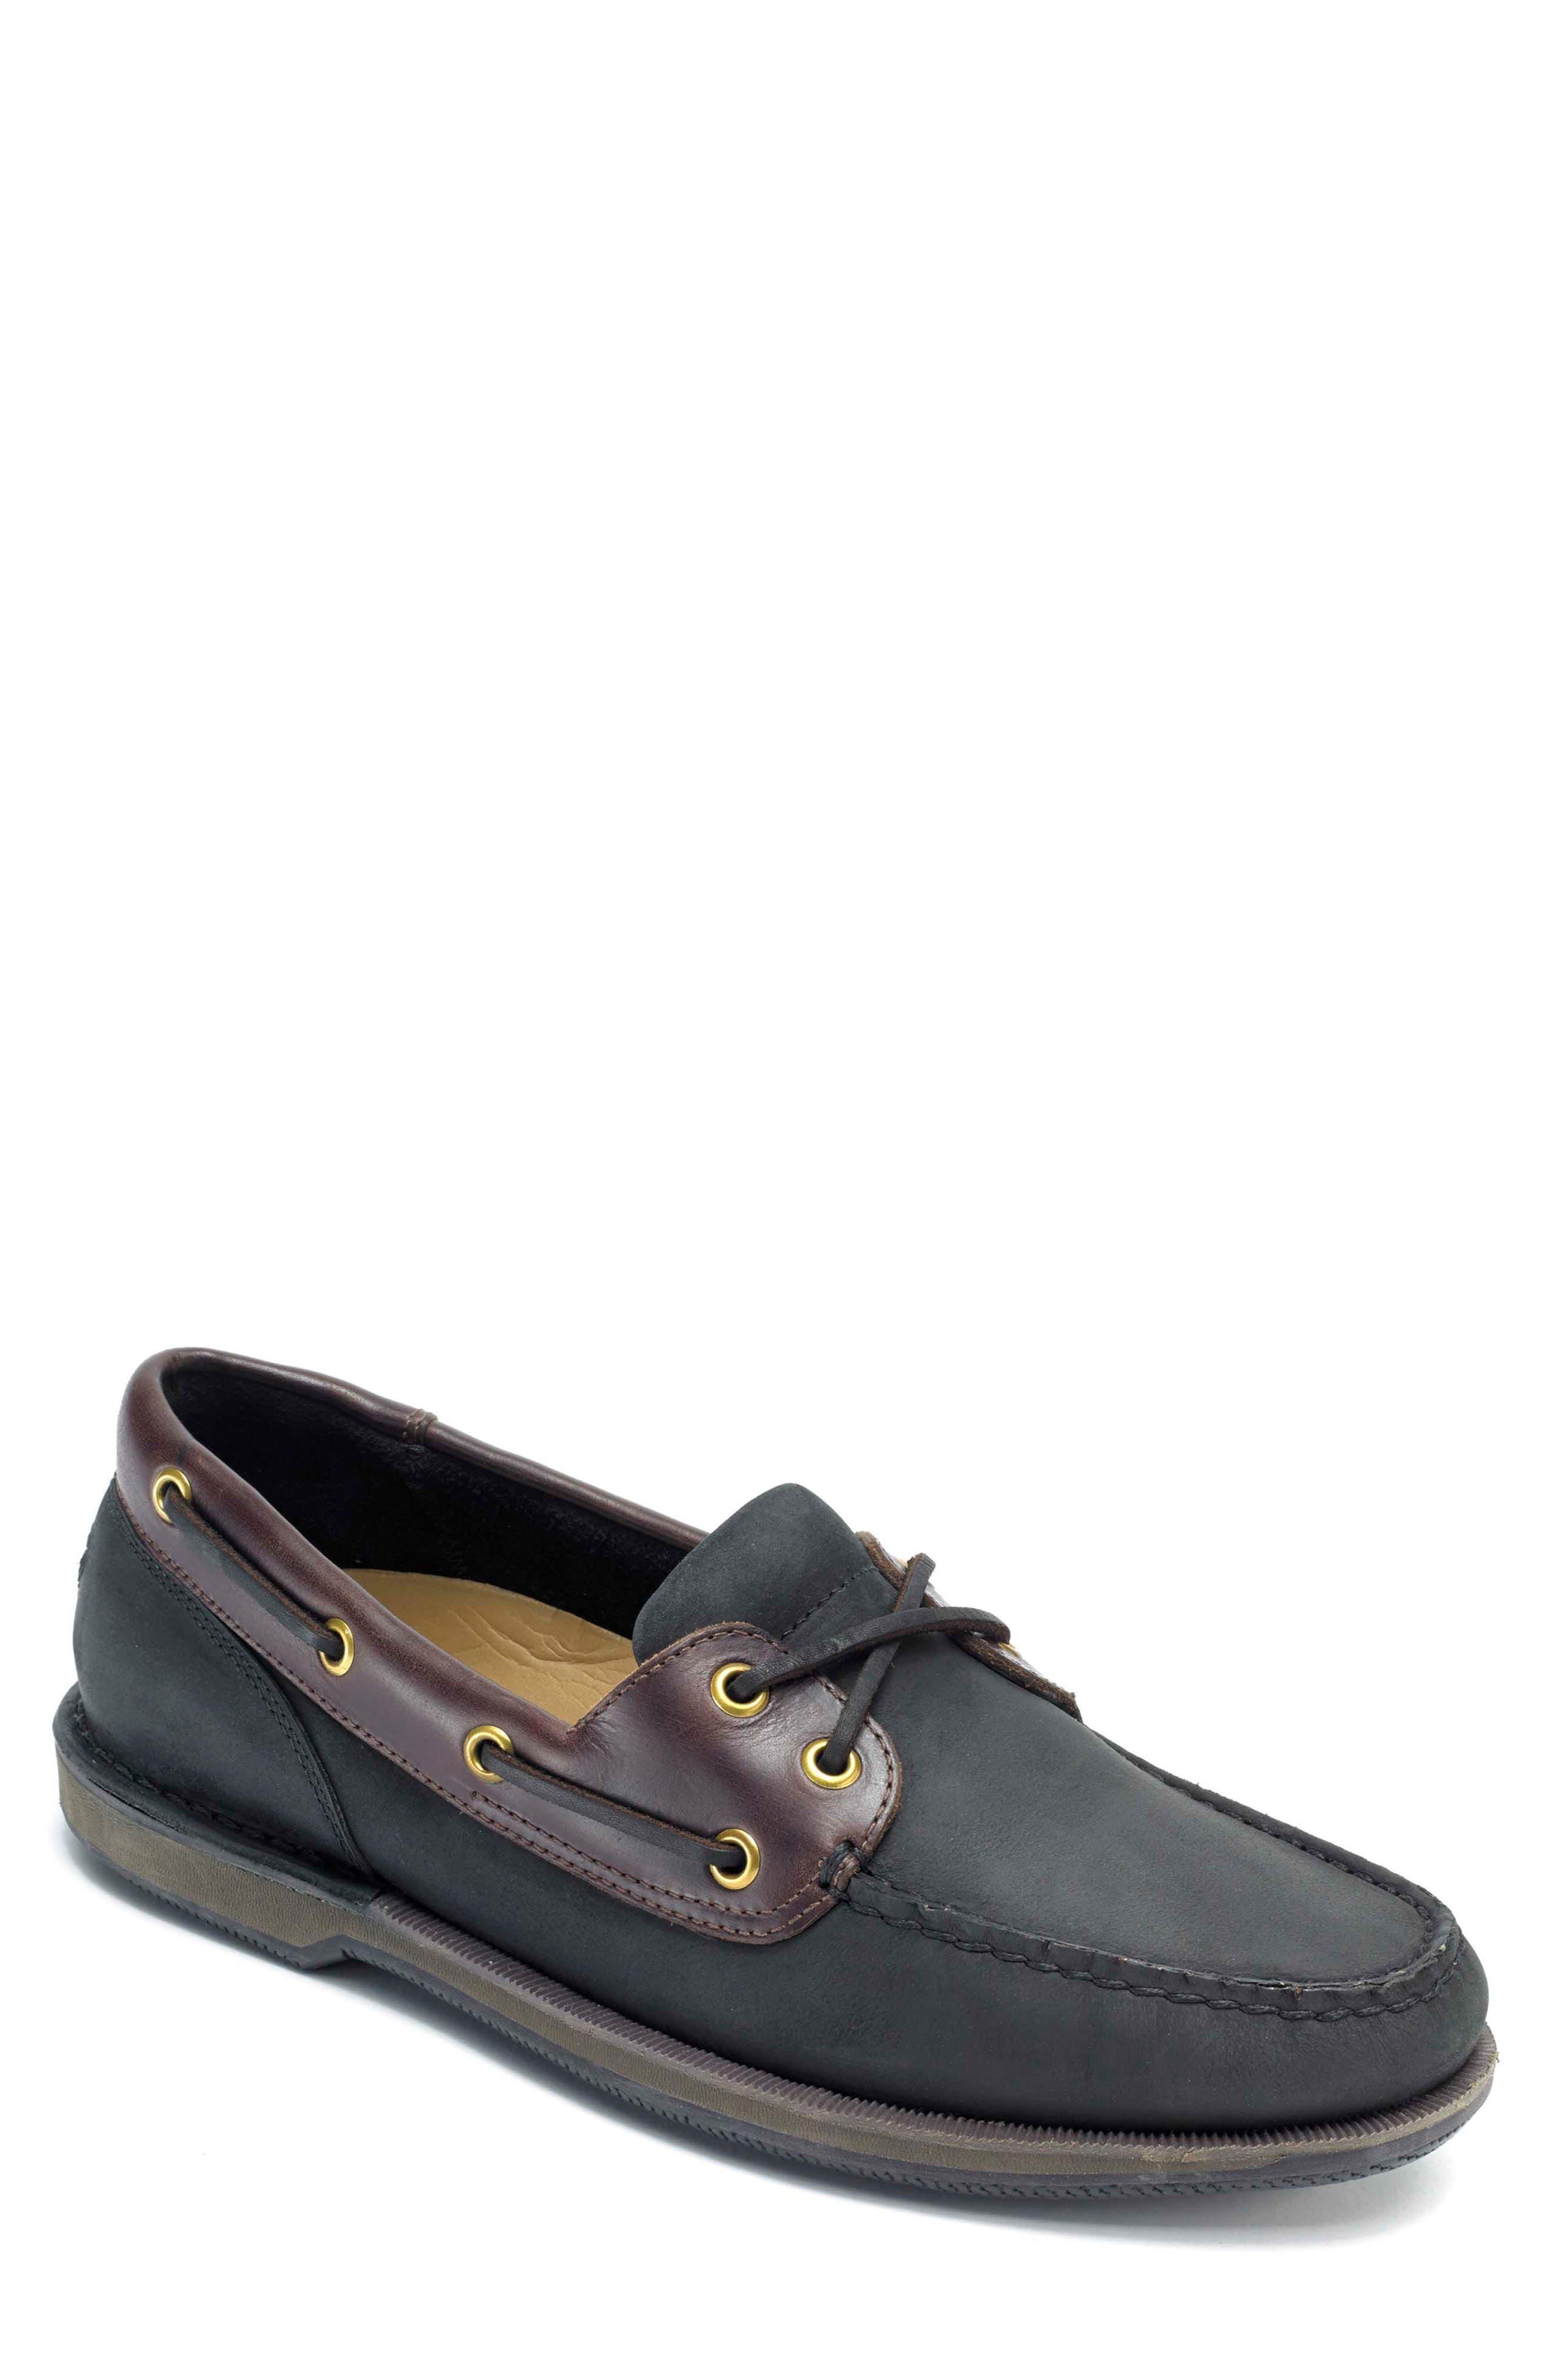 'Perth' Boat Shoe,                             Main thumbnail 1, color,                             BLACK/ BARK LEATHER